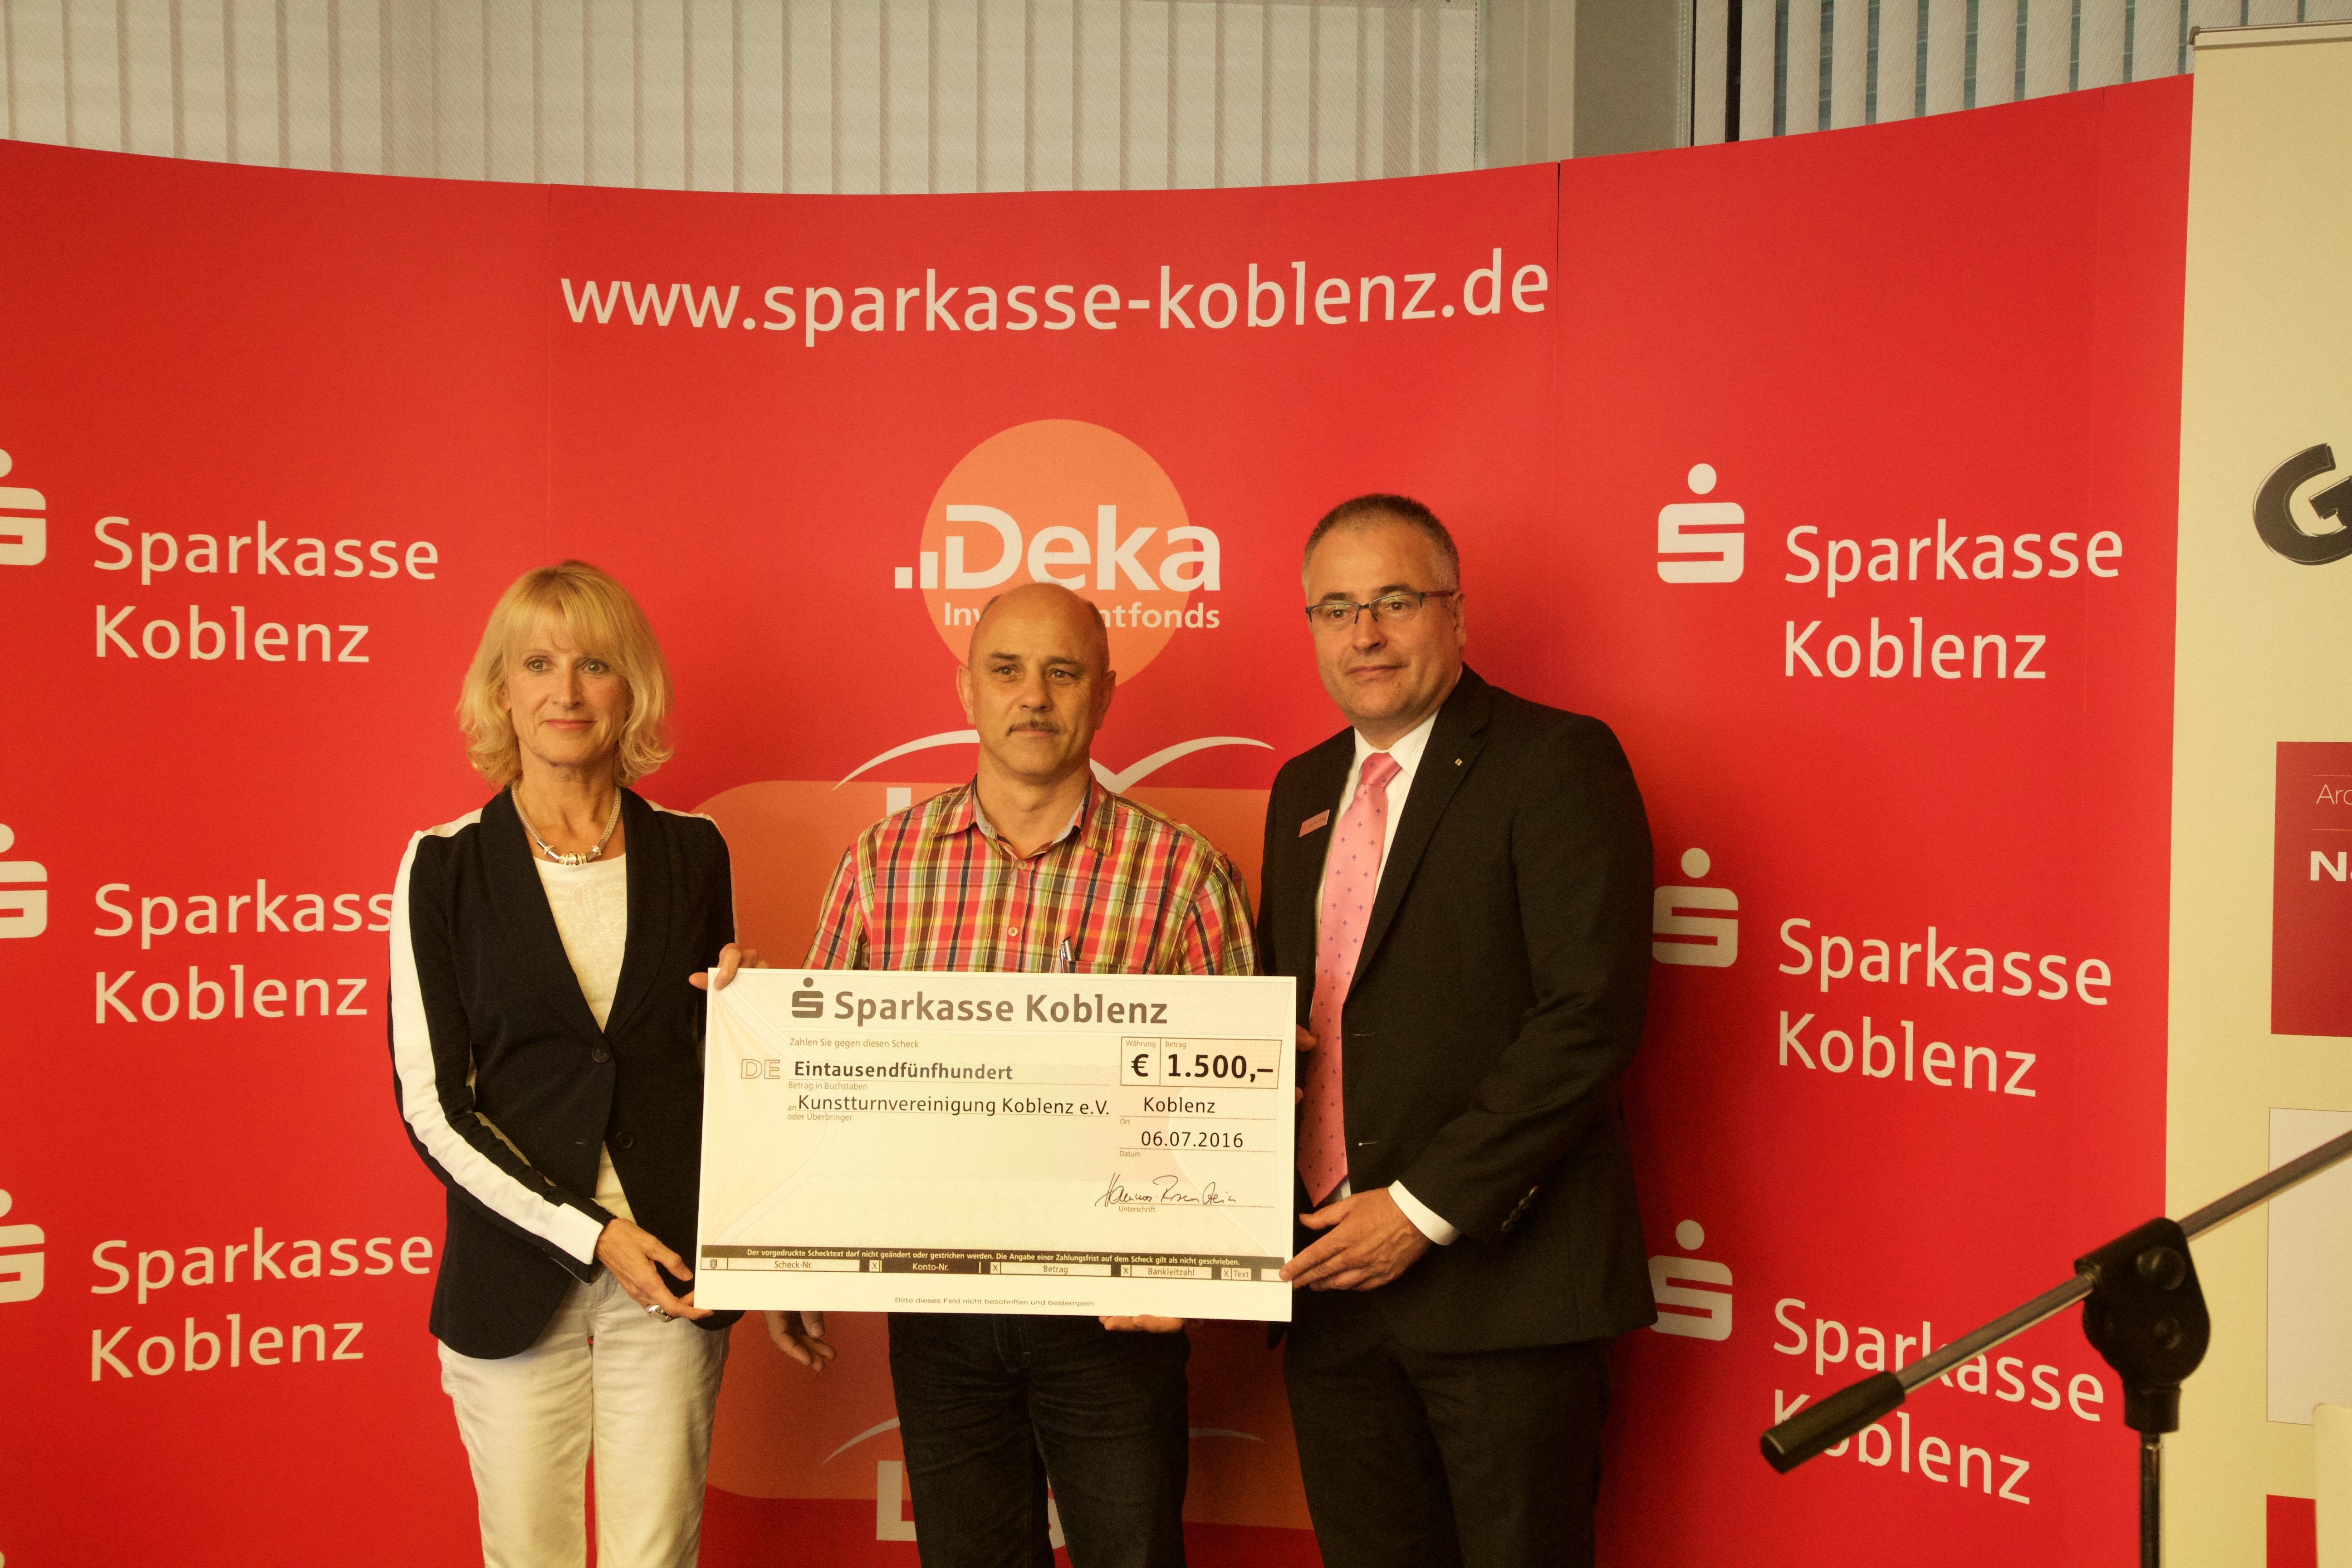 Förderung der Stadtsportstiftung Koblenz